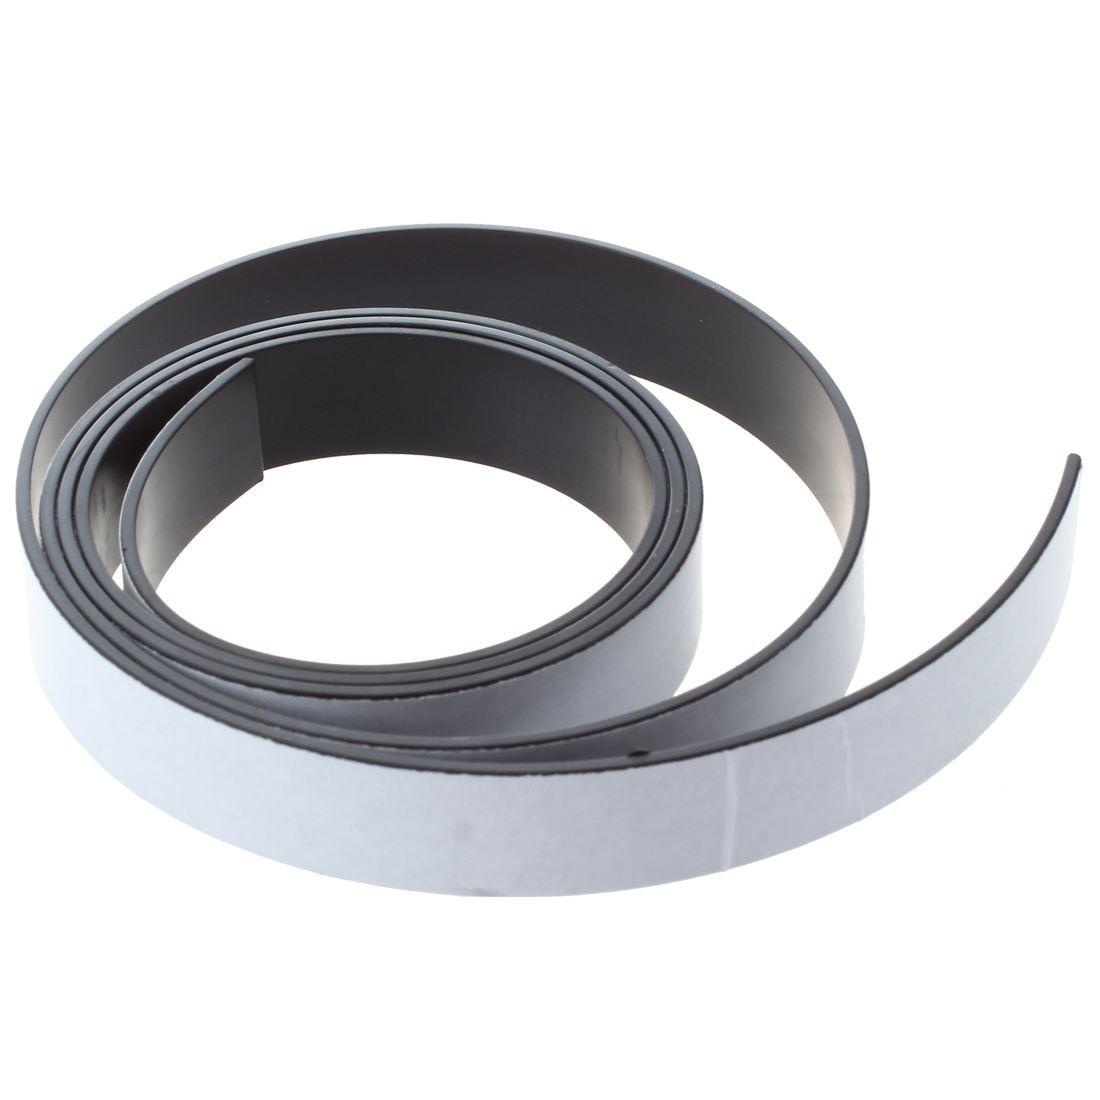 1 Mt Band Magnet Magnetische Flexible Roller Streifen Magnet Klebestreifen 10x1,5mm Dropshipping